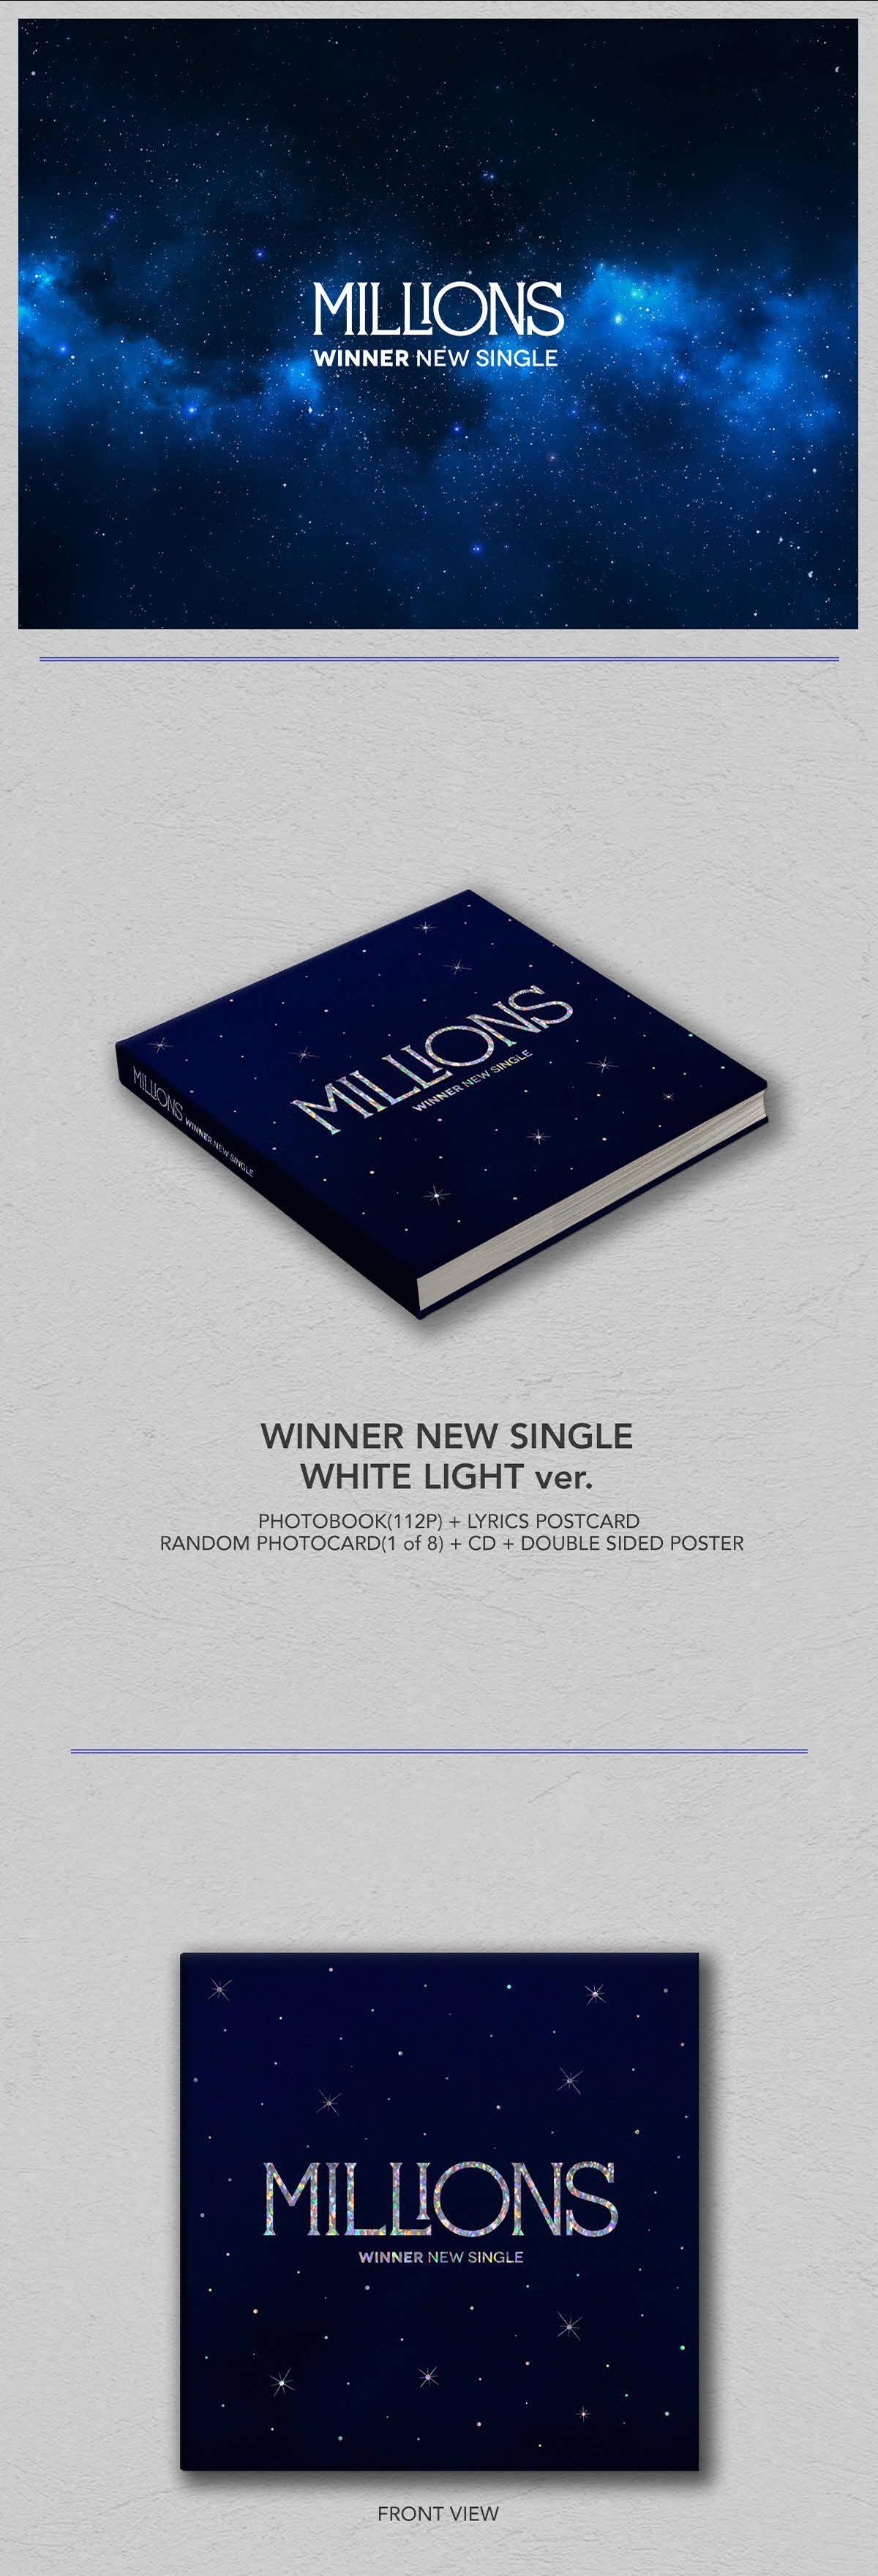 winner_millions_04.jpg